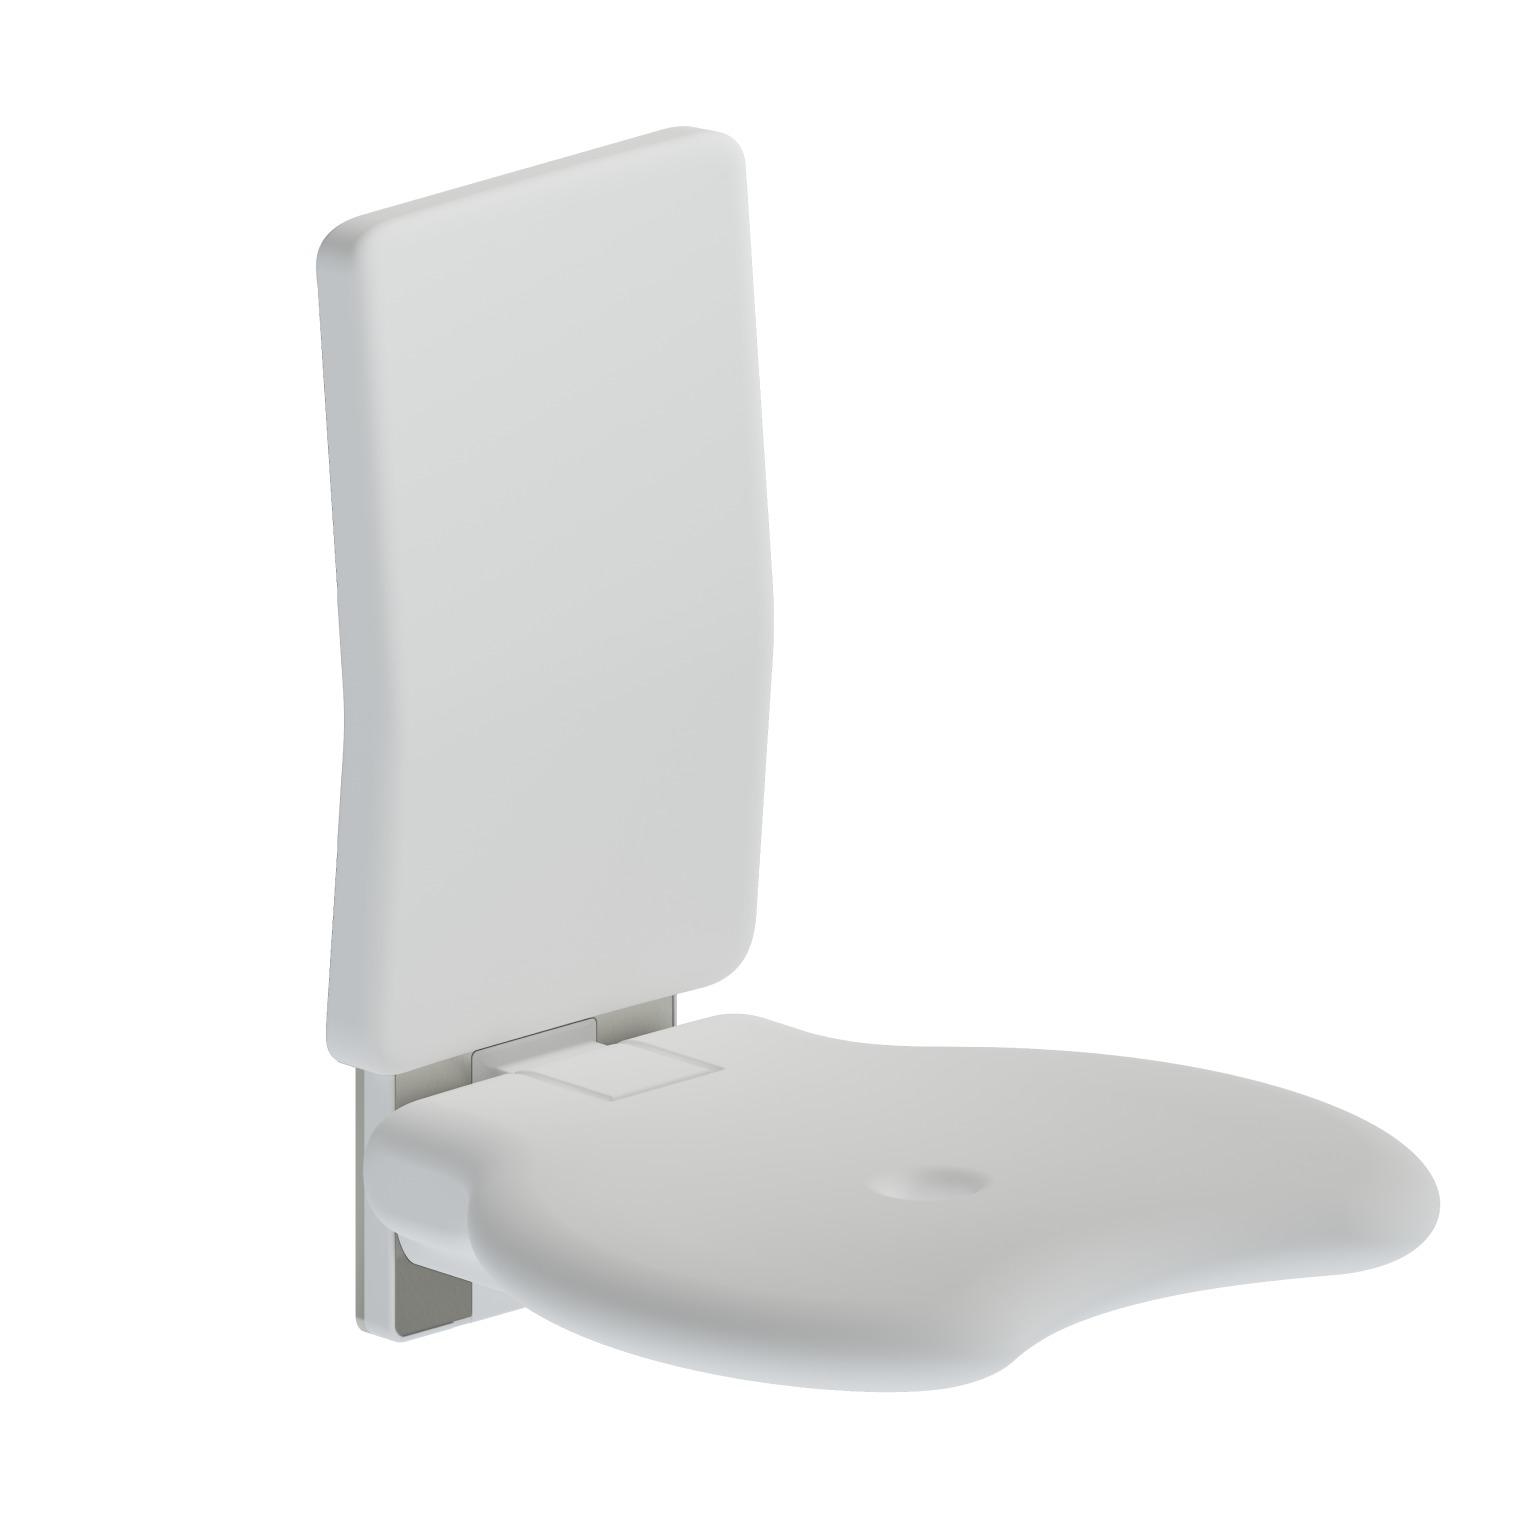 Foto - Duschsitz mit Rückenlehne reinweiß gepolstert, Wandmontage - Artikel L32005001 - Serie Evolution von Lehnen